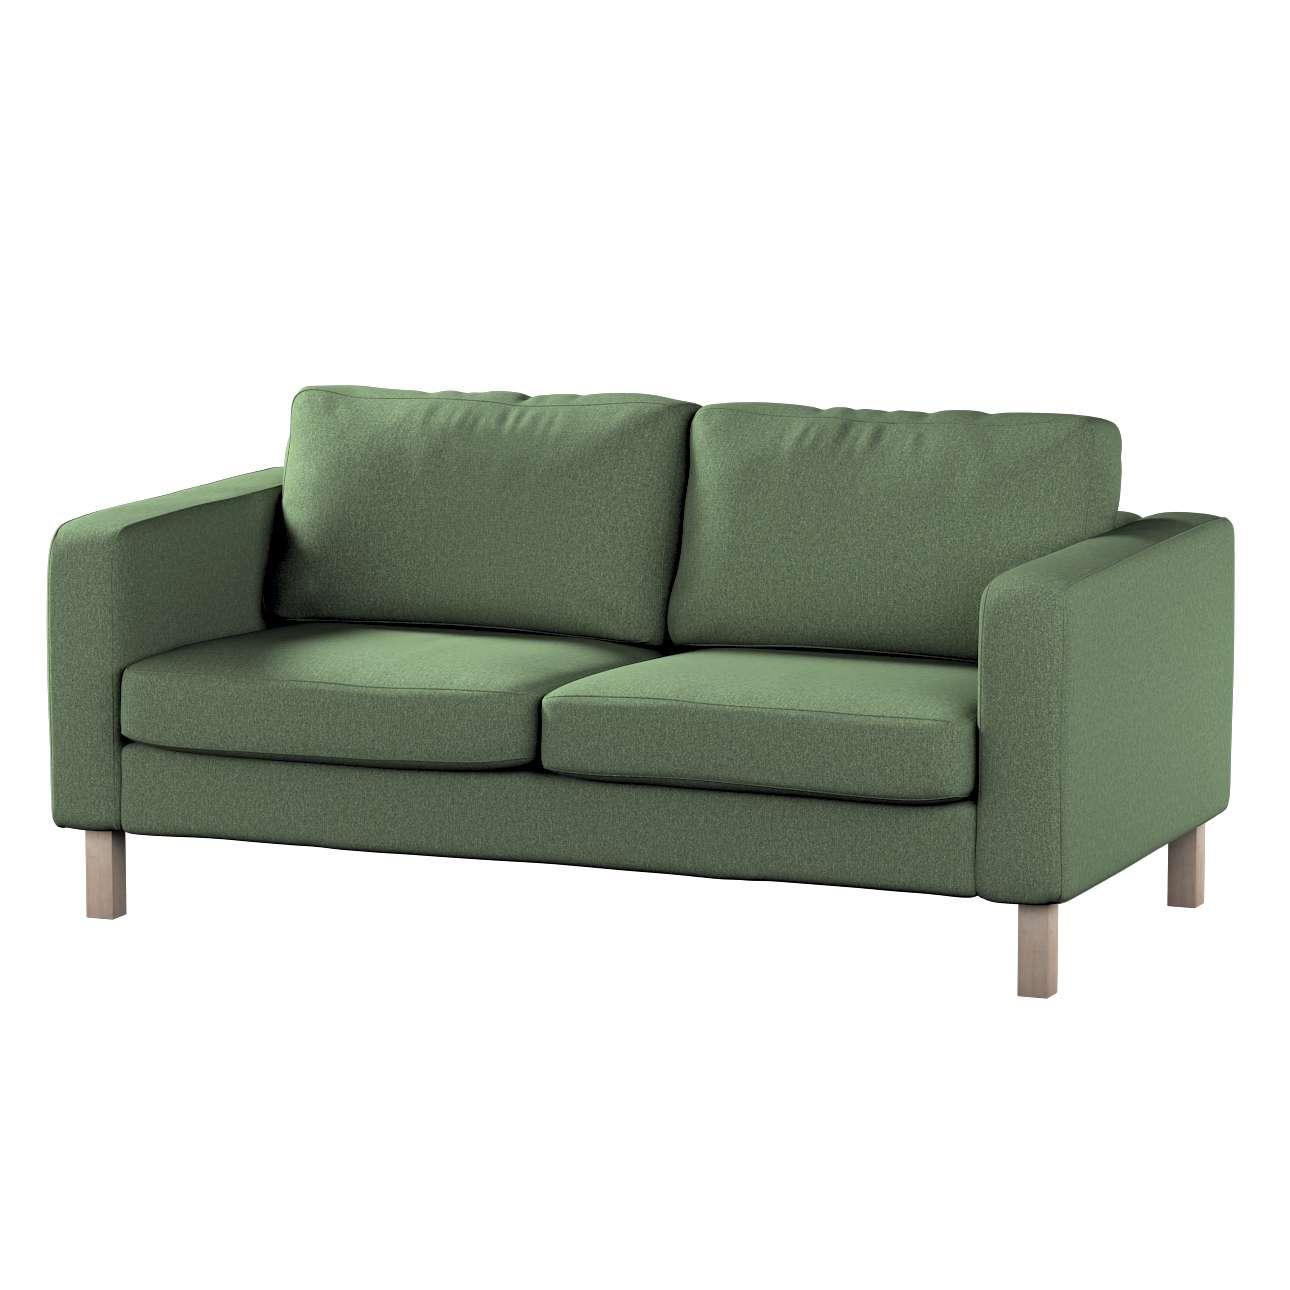 Pokrowiec na sofę Karlstad 2-osobową nierozkładaną krótki w kolekcji Amsterdam, tkanina: 704-44